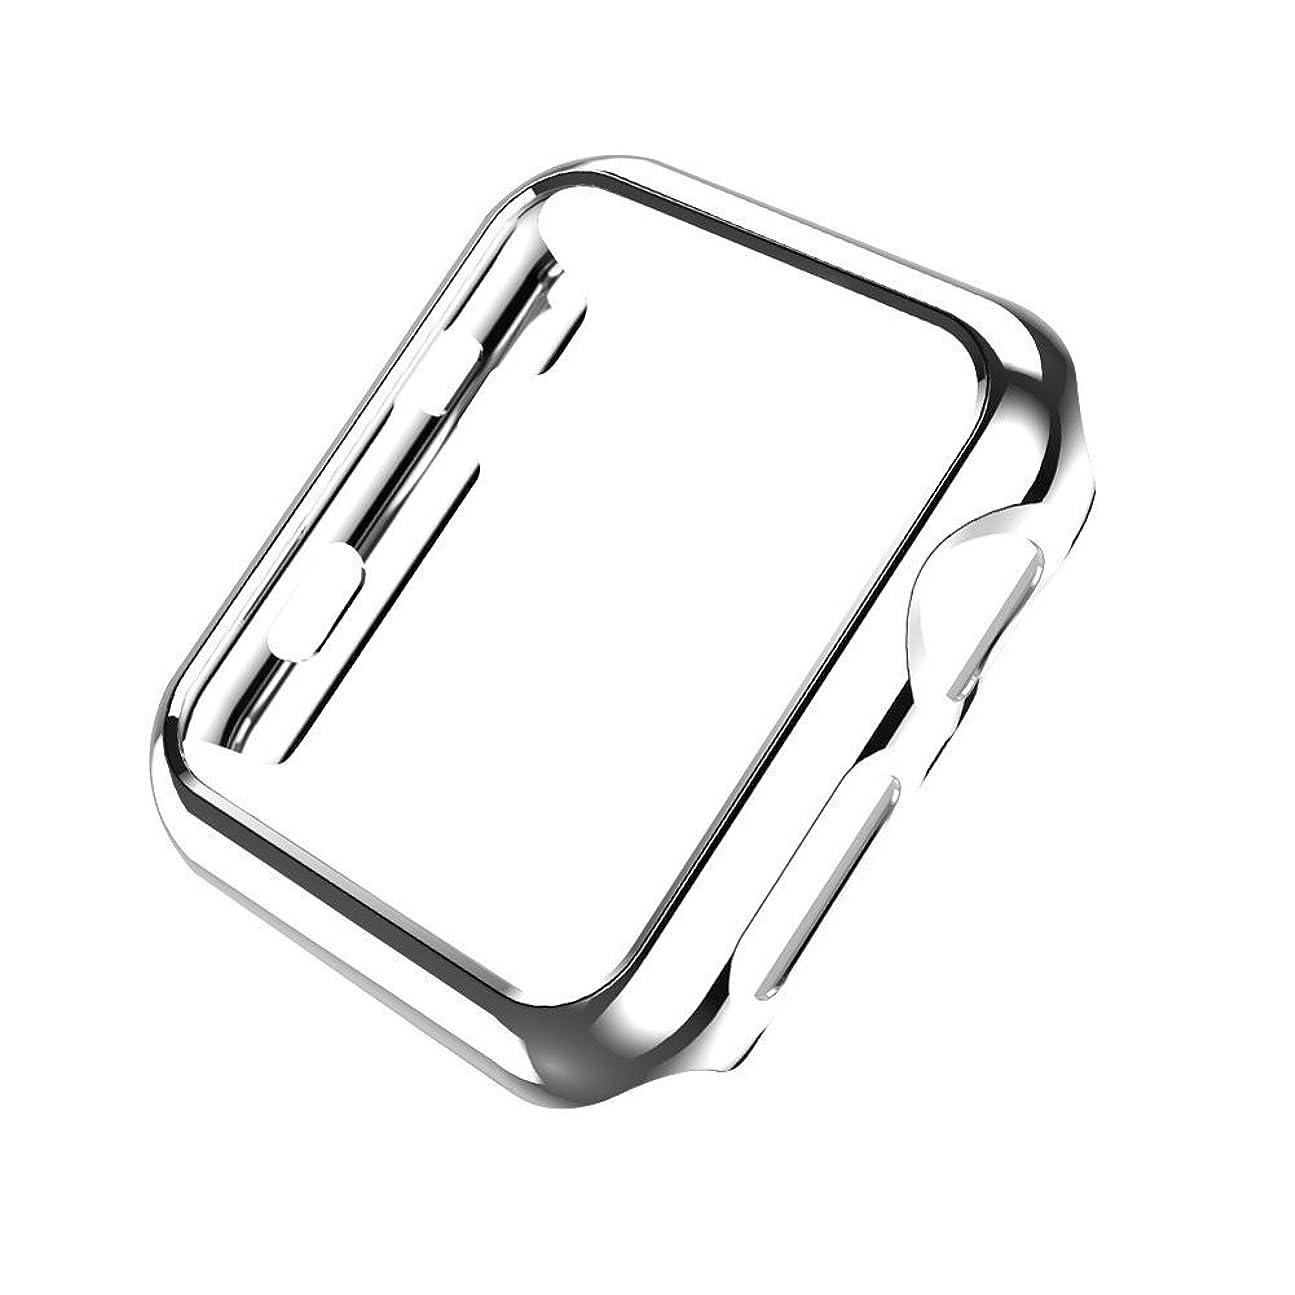 迷路手首最適Sakula Apple Watch Series 3 ケース 高品質PC メーキ加工 耐衝撃性 アップルウォッチ シリーズ 2/3 保護ケース 42mm対応 (シルバー)